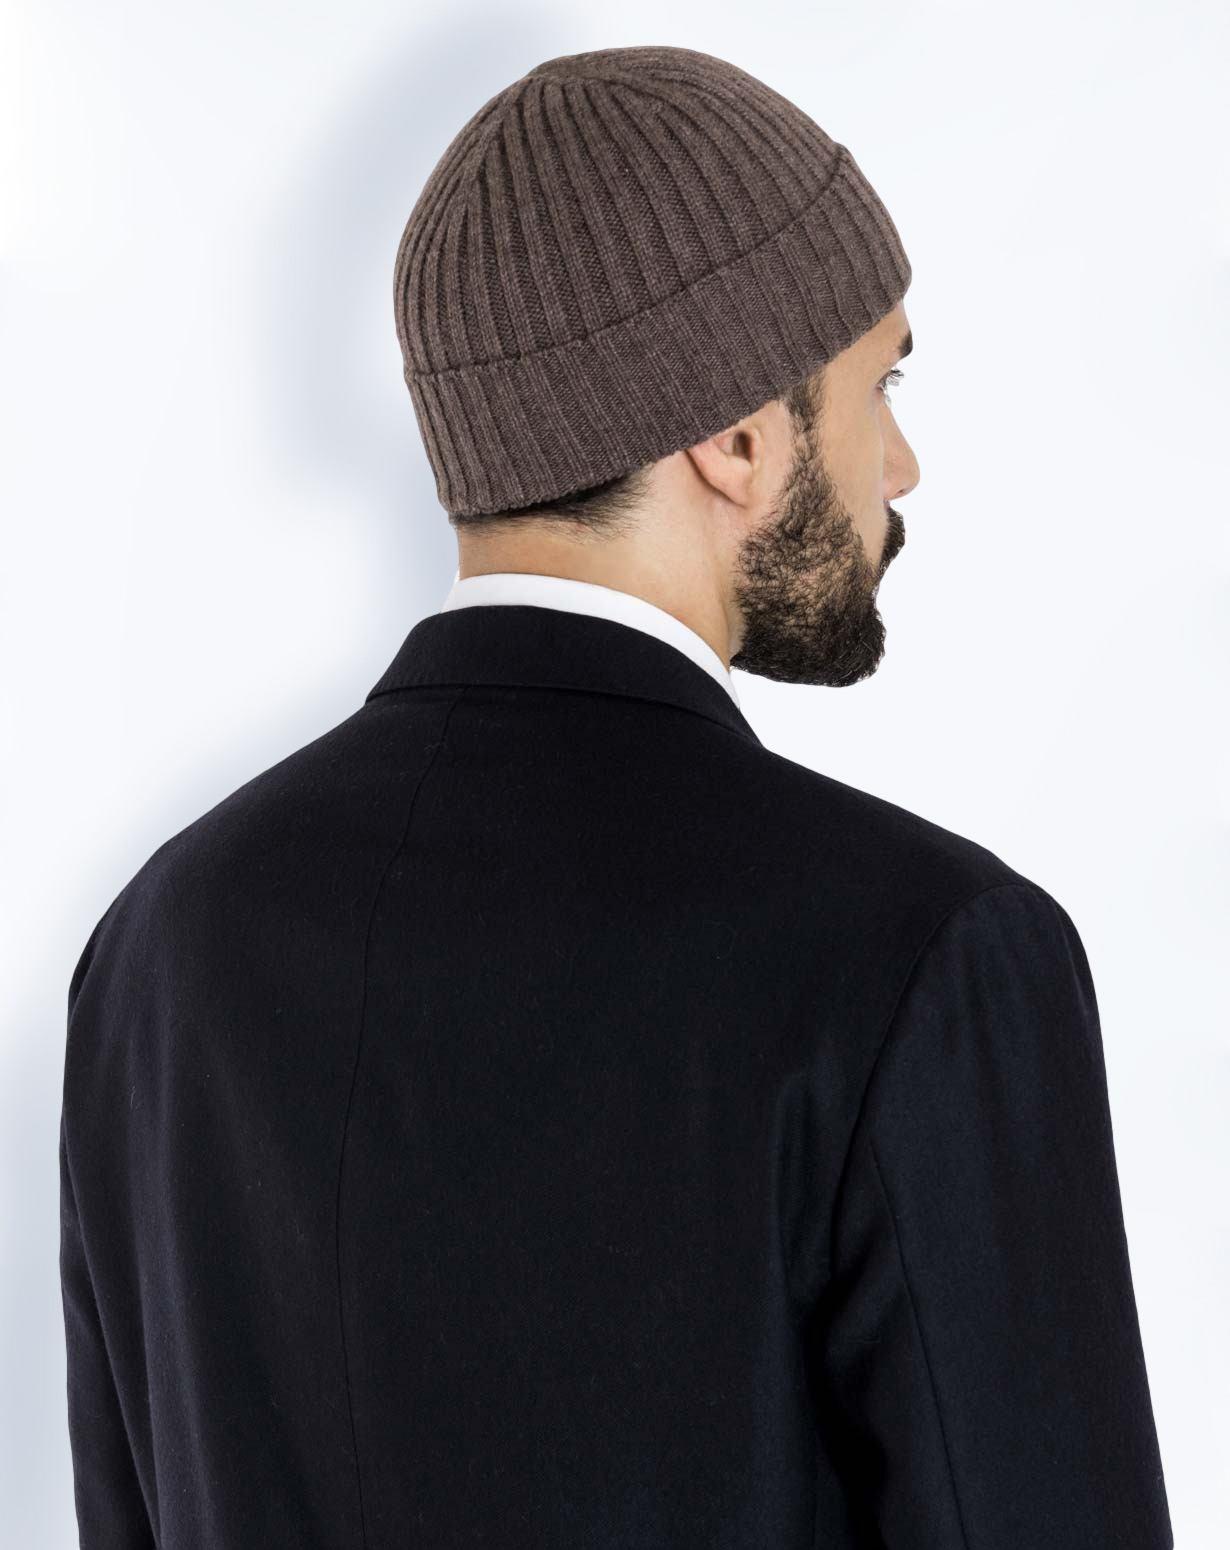 Cappello Lana a Coste in Puro Cashmere  d79078805d3e